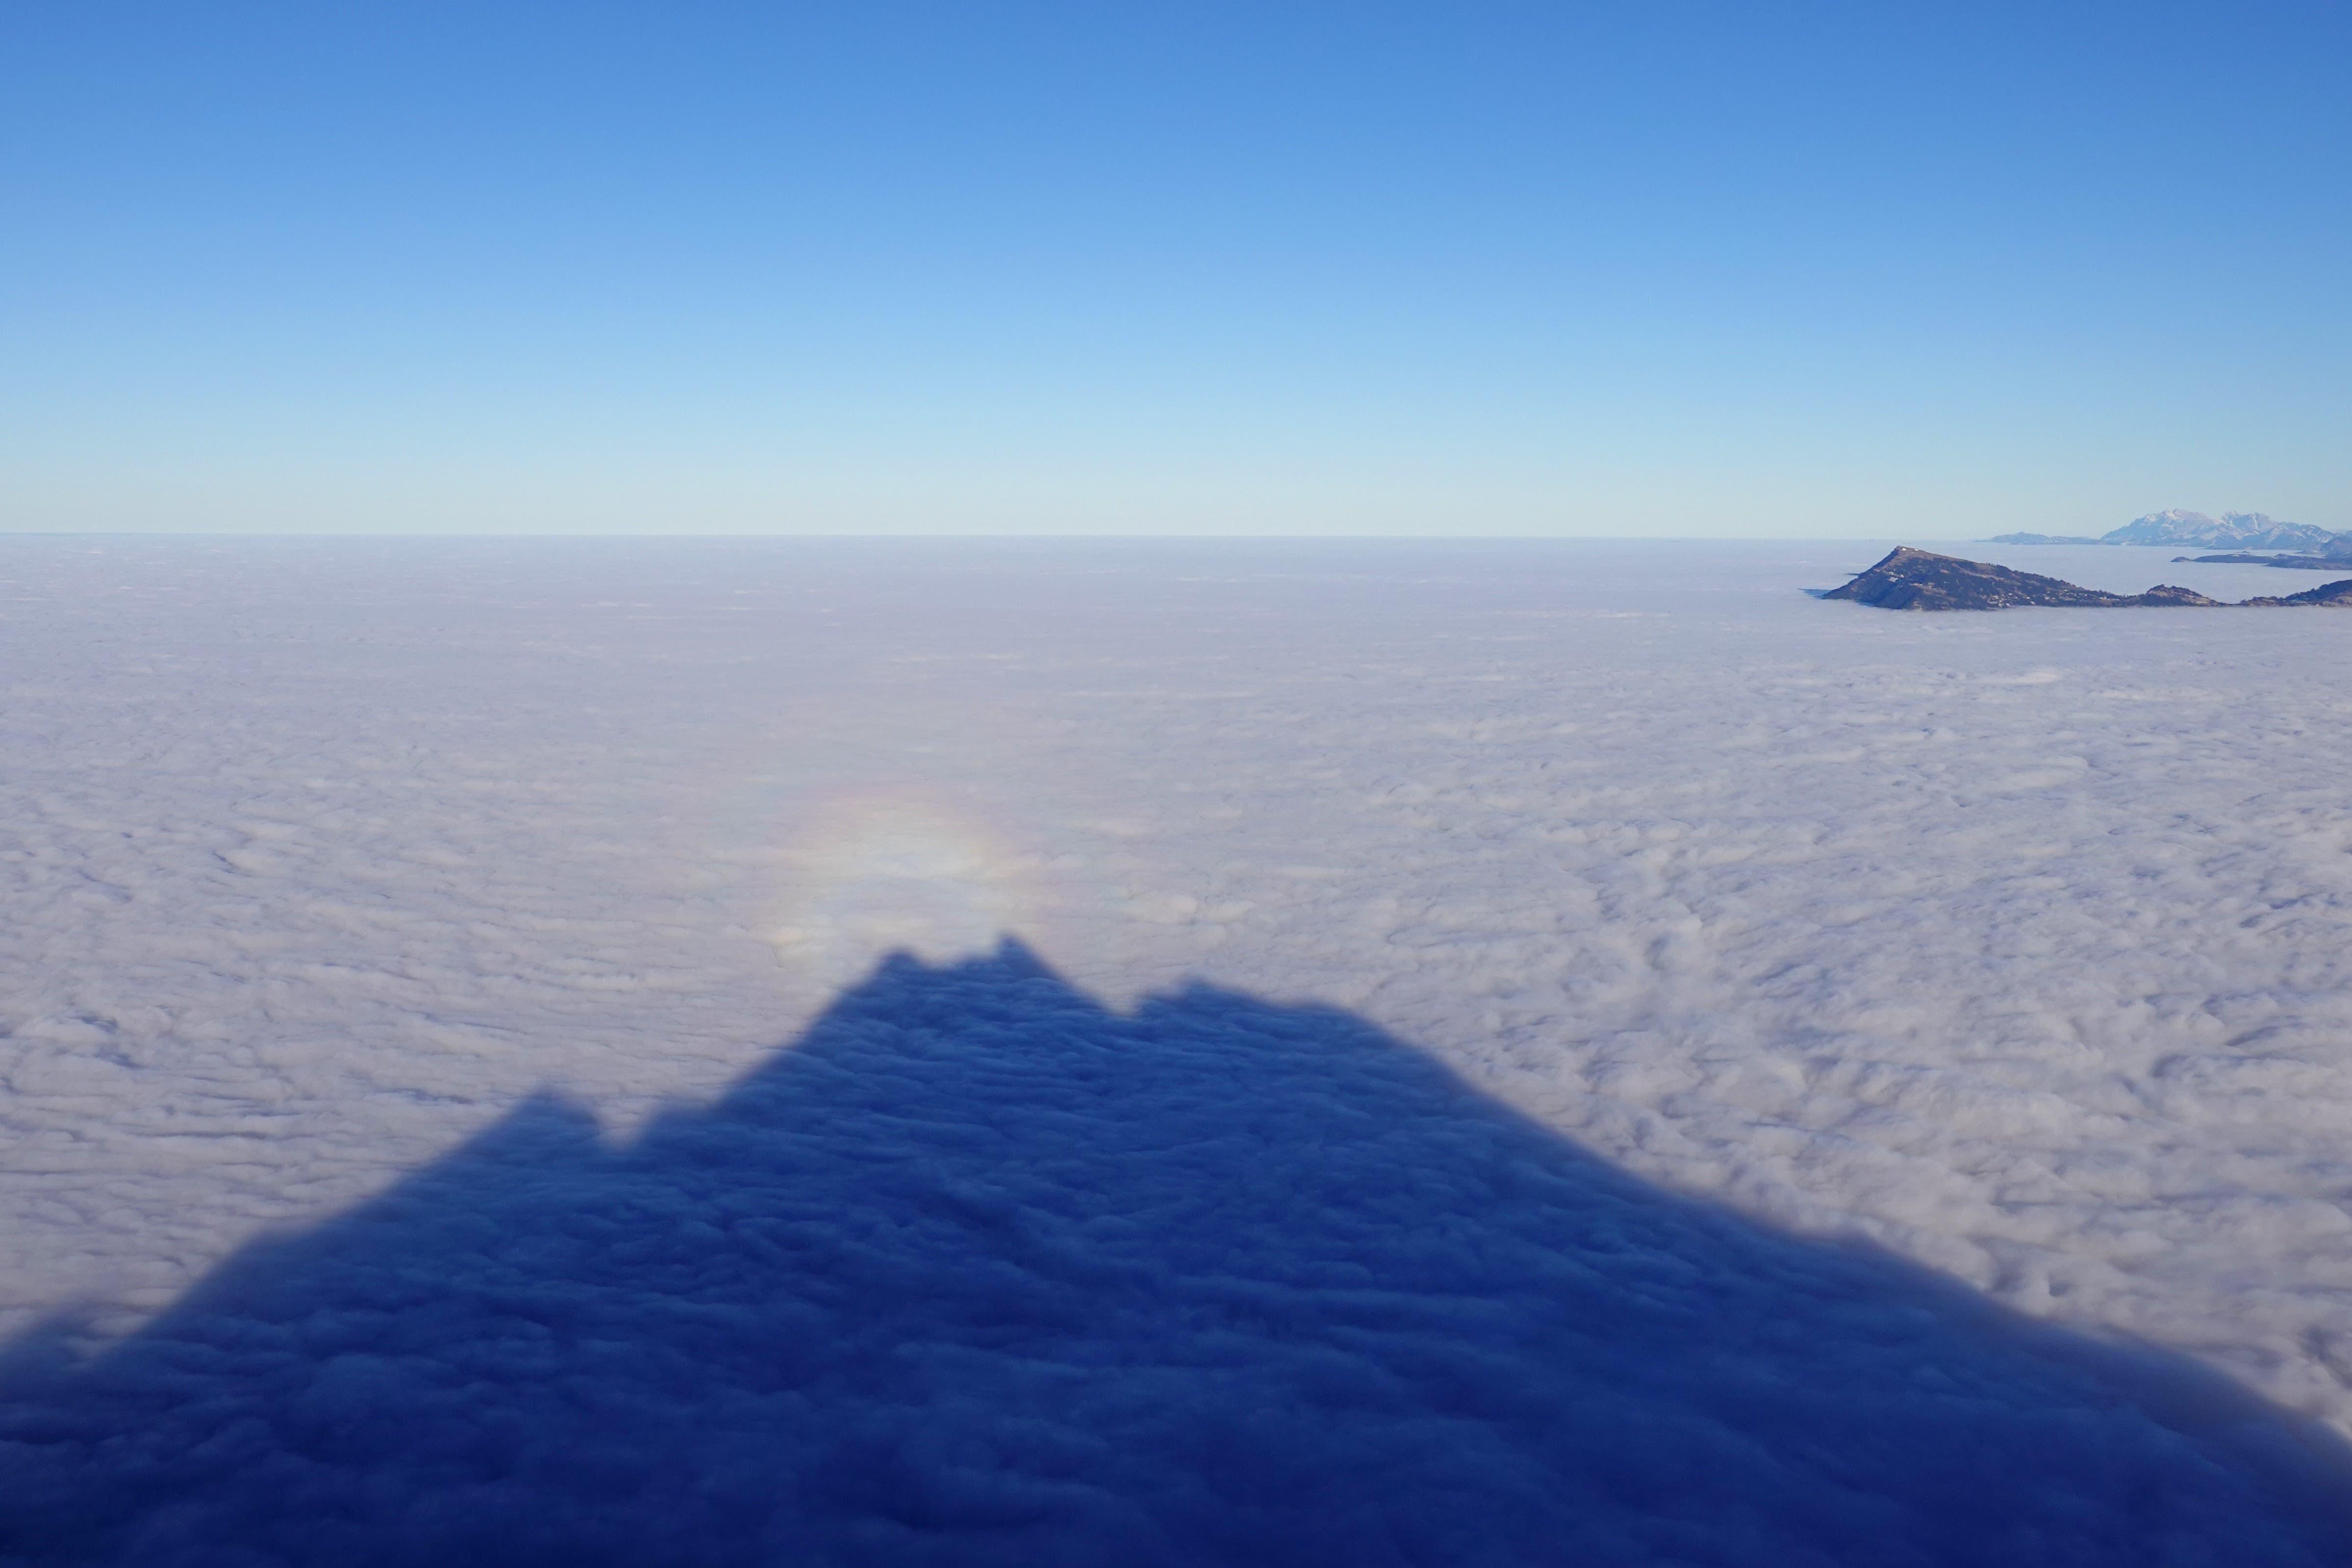 Der Pilatus wirft sein Schattenbild aufs Nebelmeer. Über dem Gipfel auf dem Nebelmeer bildet sich ein kleiner Heiligenschein - ein Halo. Da kann die Rigi nur neidisch hinübergucken.